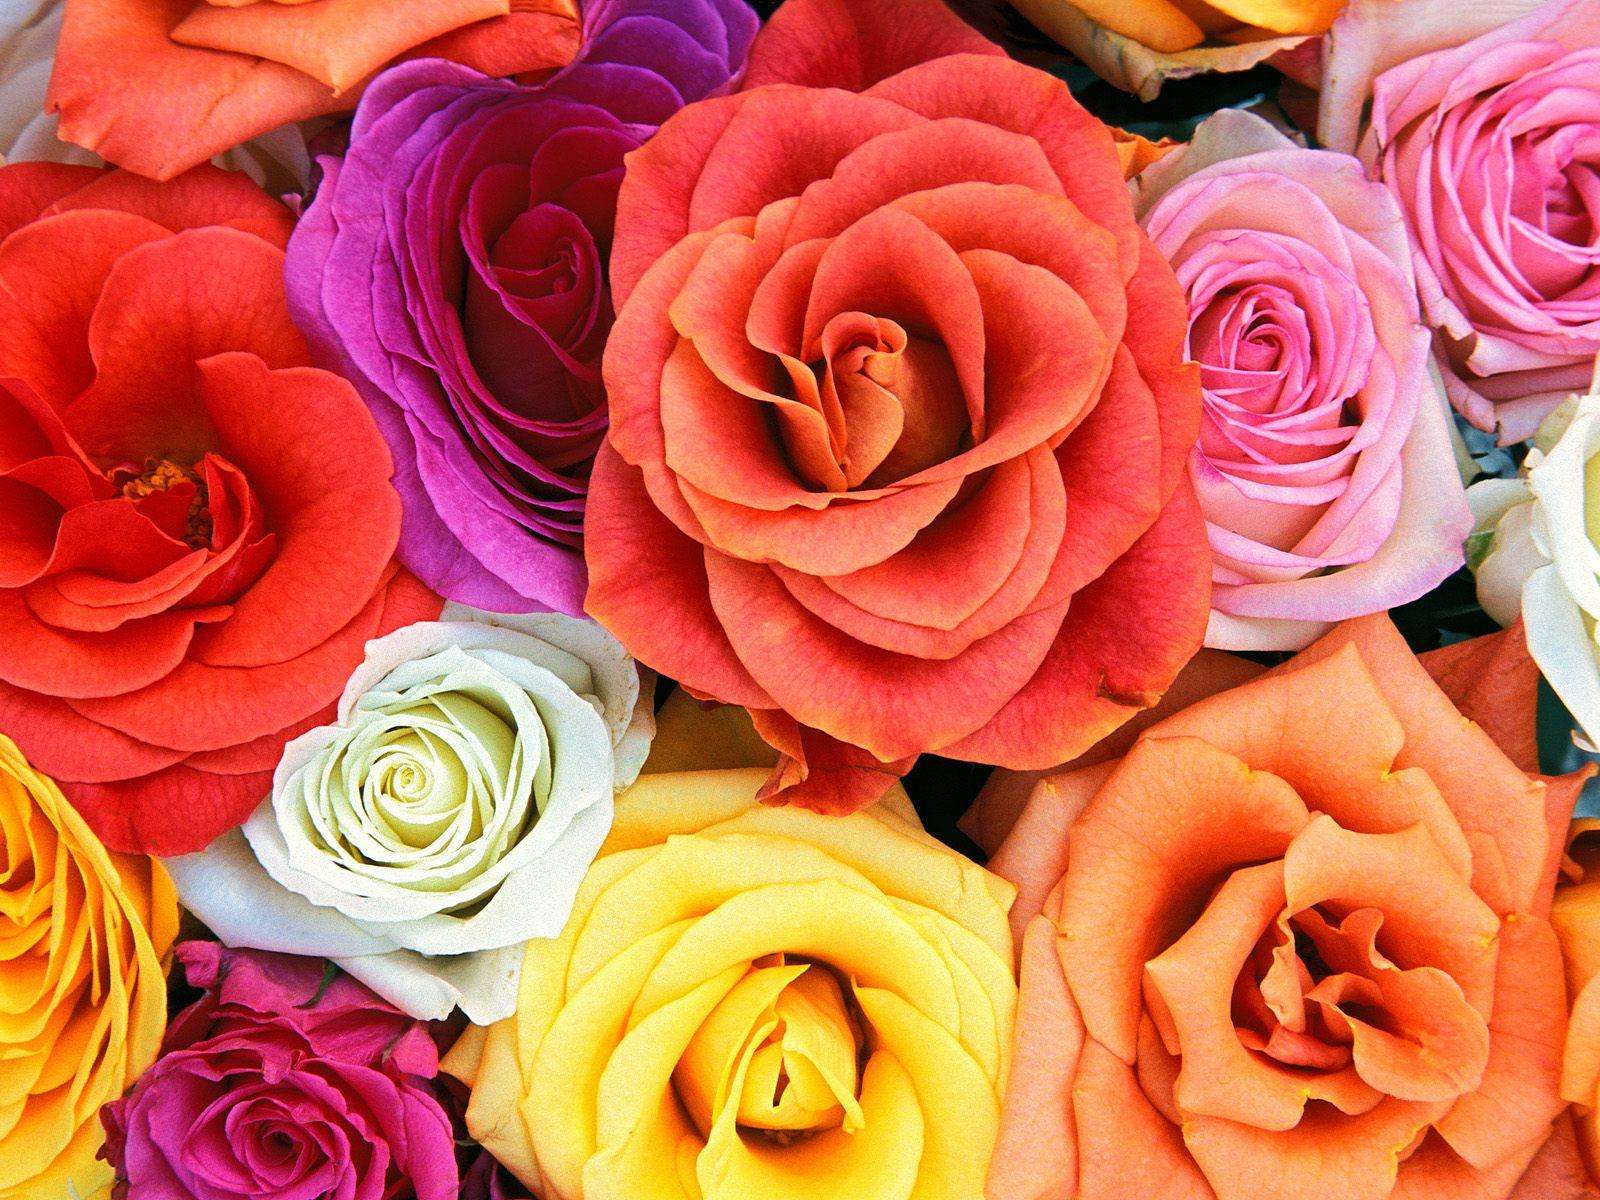 http://2.bp.blogspot.com/-VAaQSb8kc7A/URQ8HRw28DI/AAAAAAAATLU/9ERuV5tG3sU/s1600/Roses-Flowers-Wallpapers.jpg